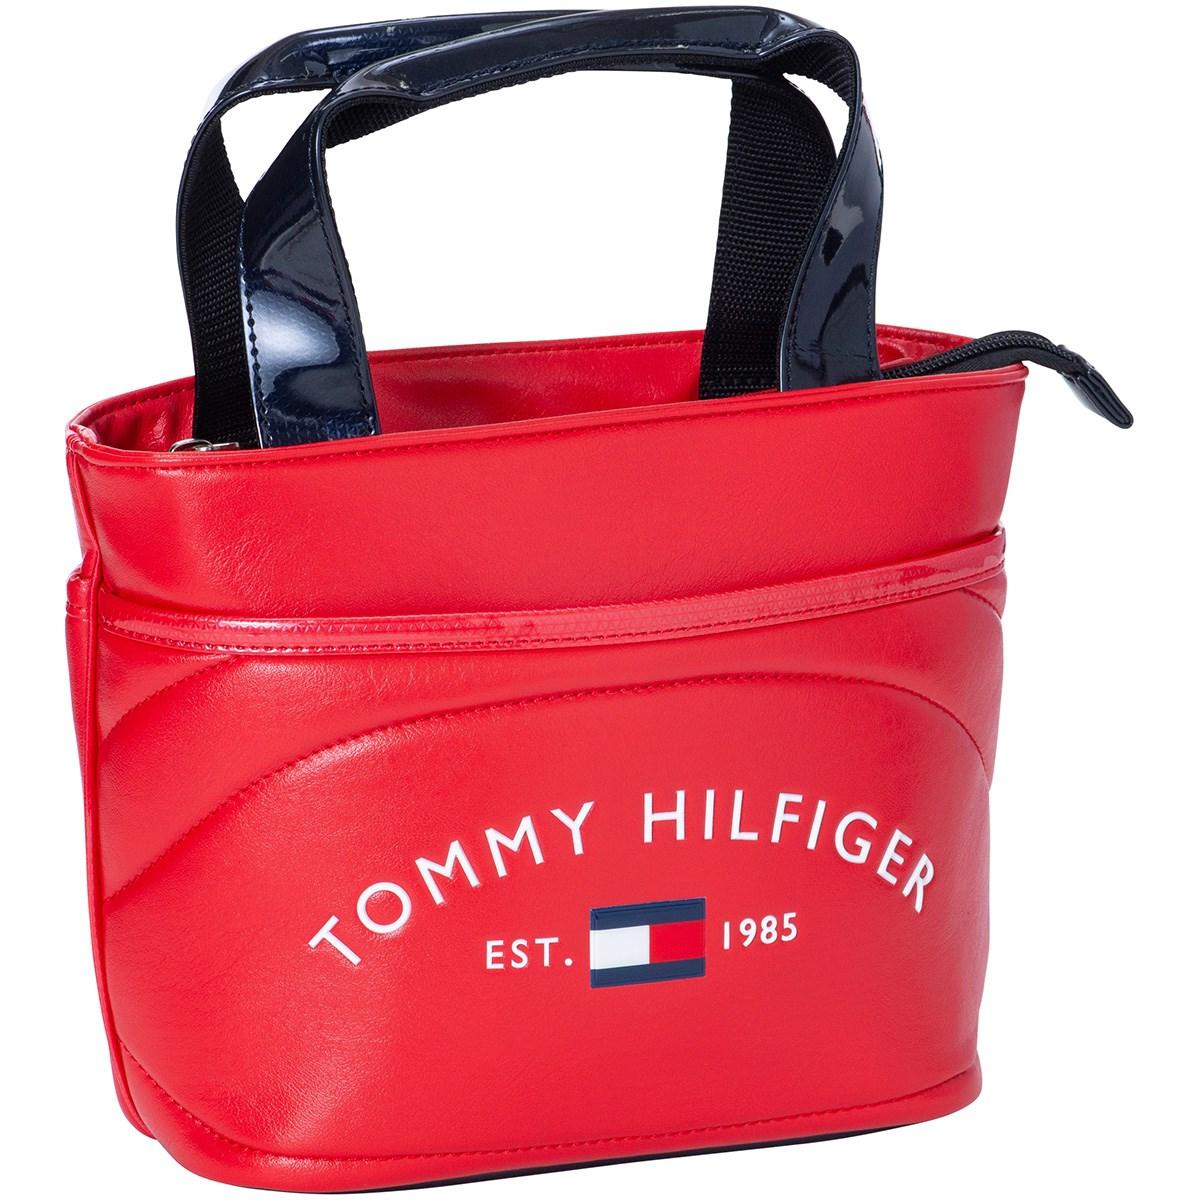 トミー ヒルフィガー ゴルフ TOMMY HILFIGER GOLF ラウンドロゴラウンドバッグ レッド 40